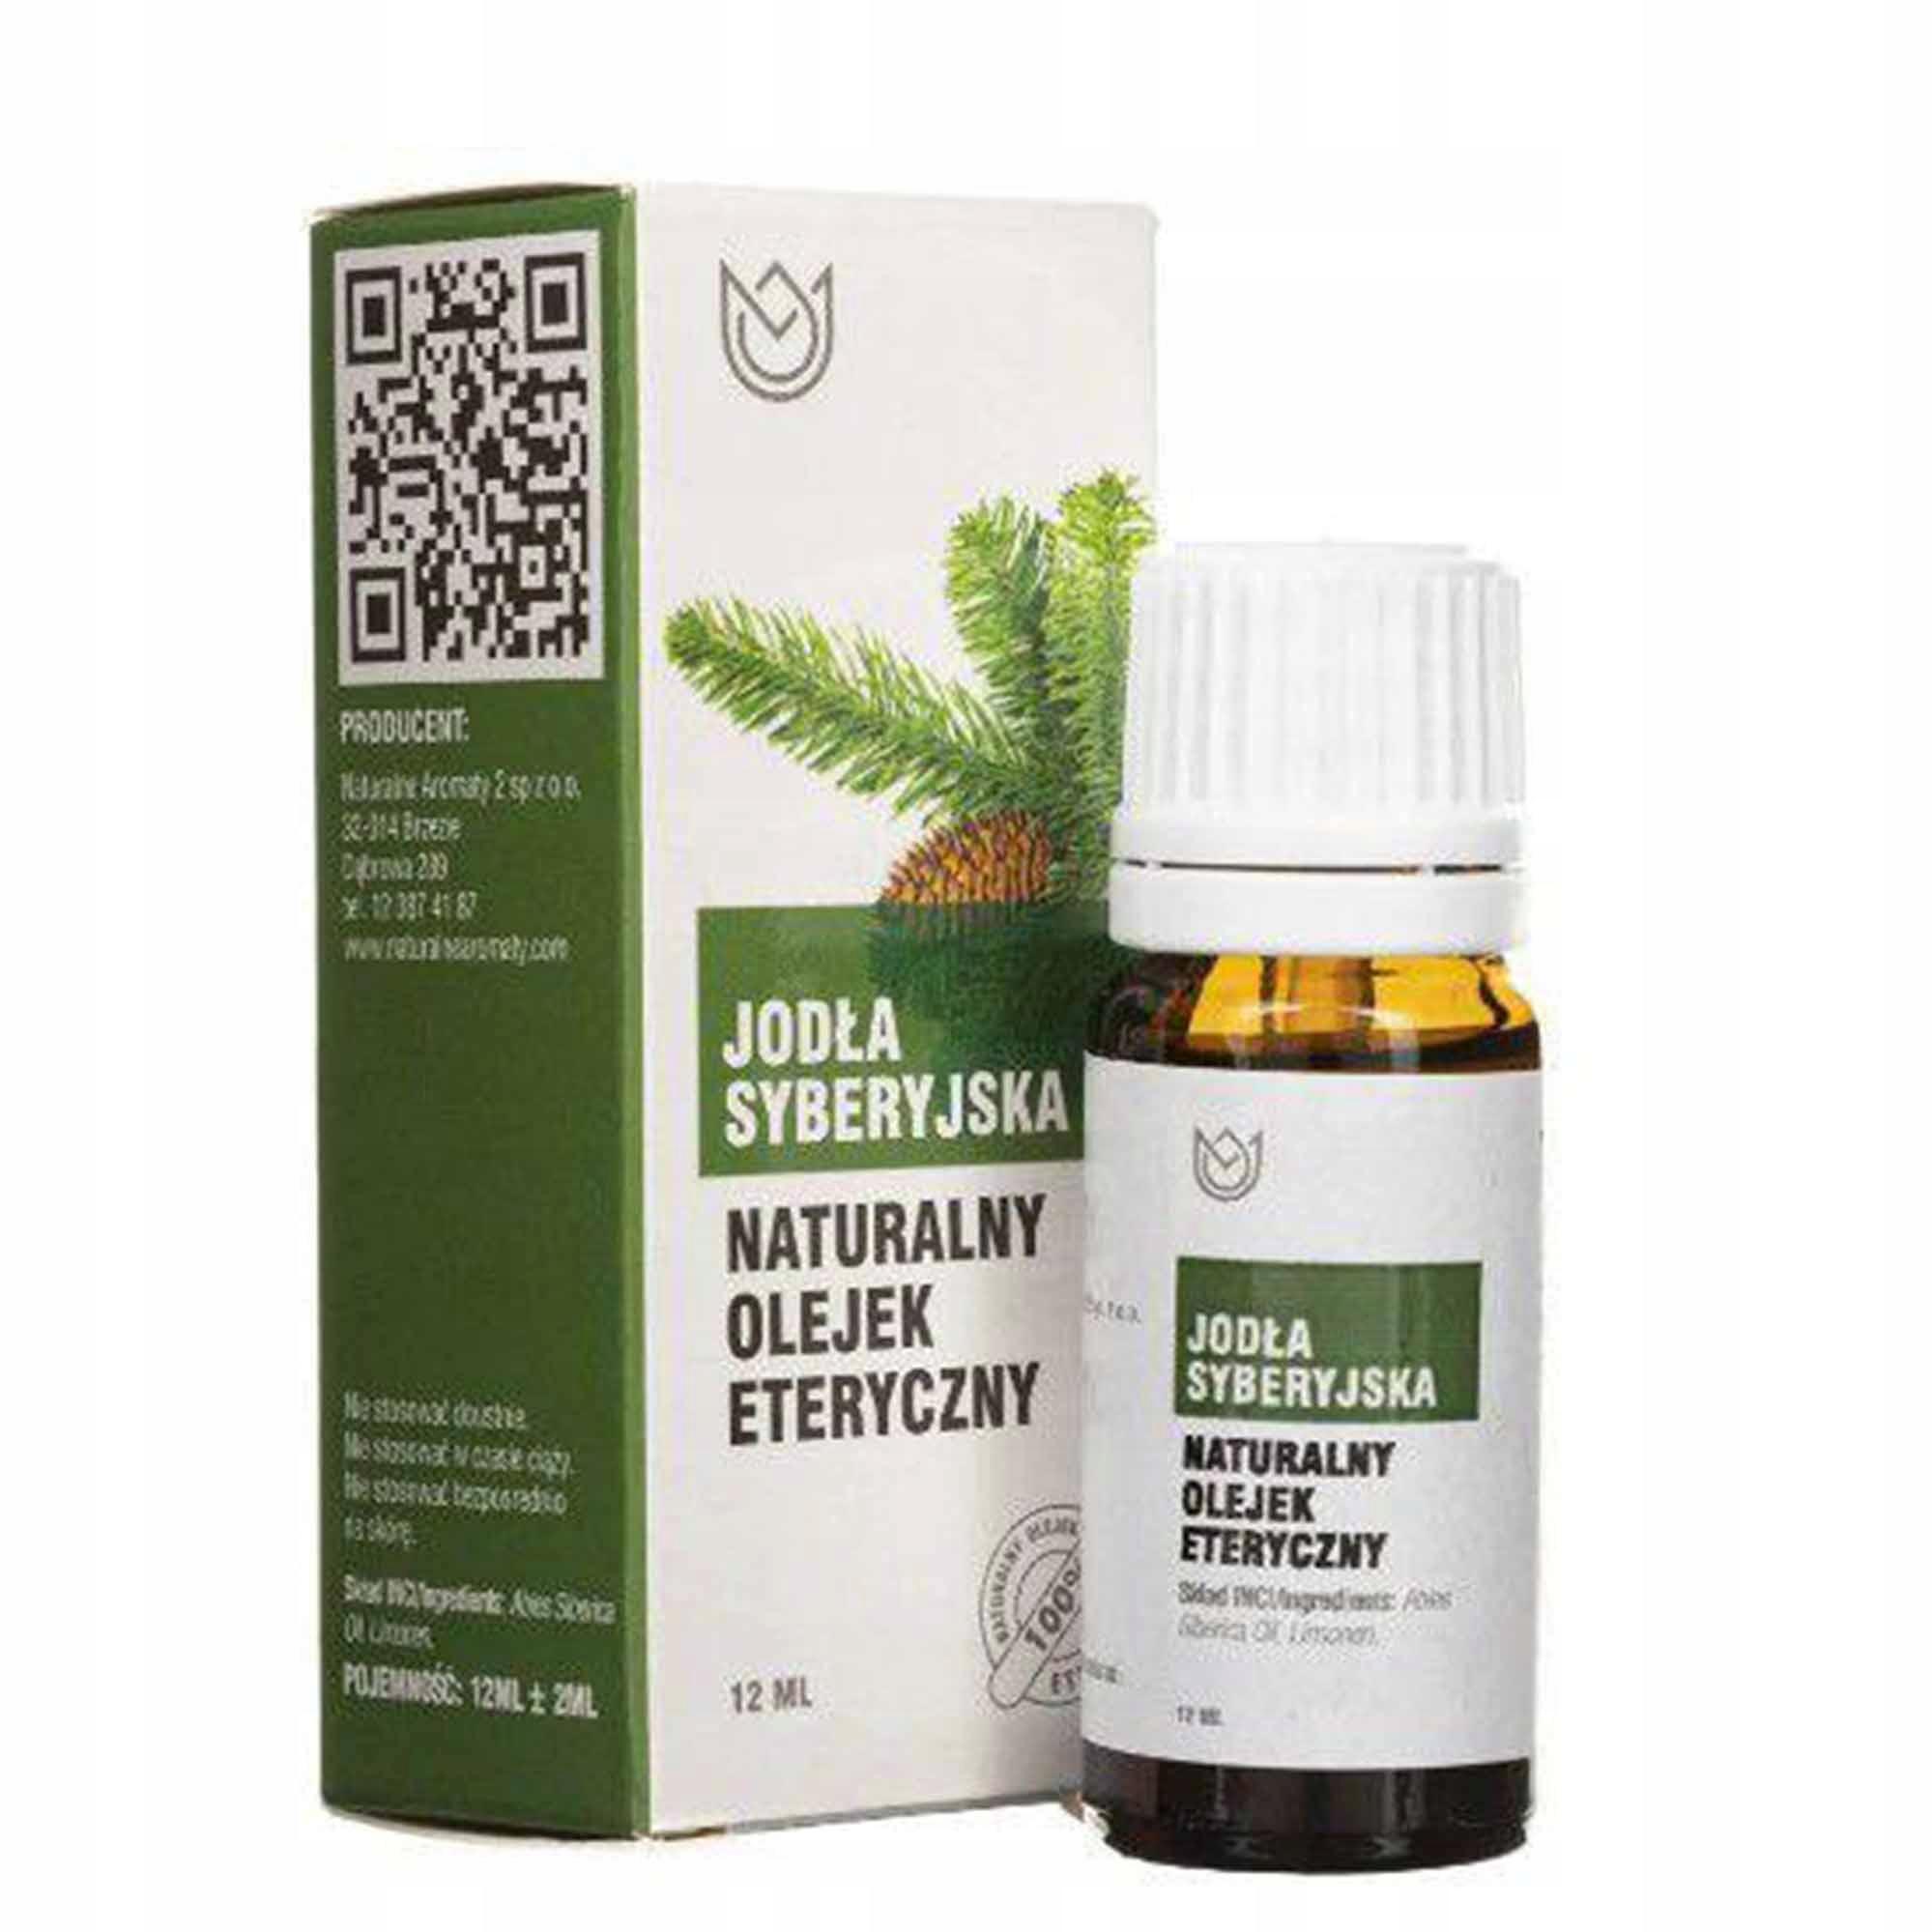 NATURALNE OLEJKI ETERYCZNE zestaw 9szt lecznicze Producent Naturalne Aromaty